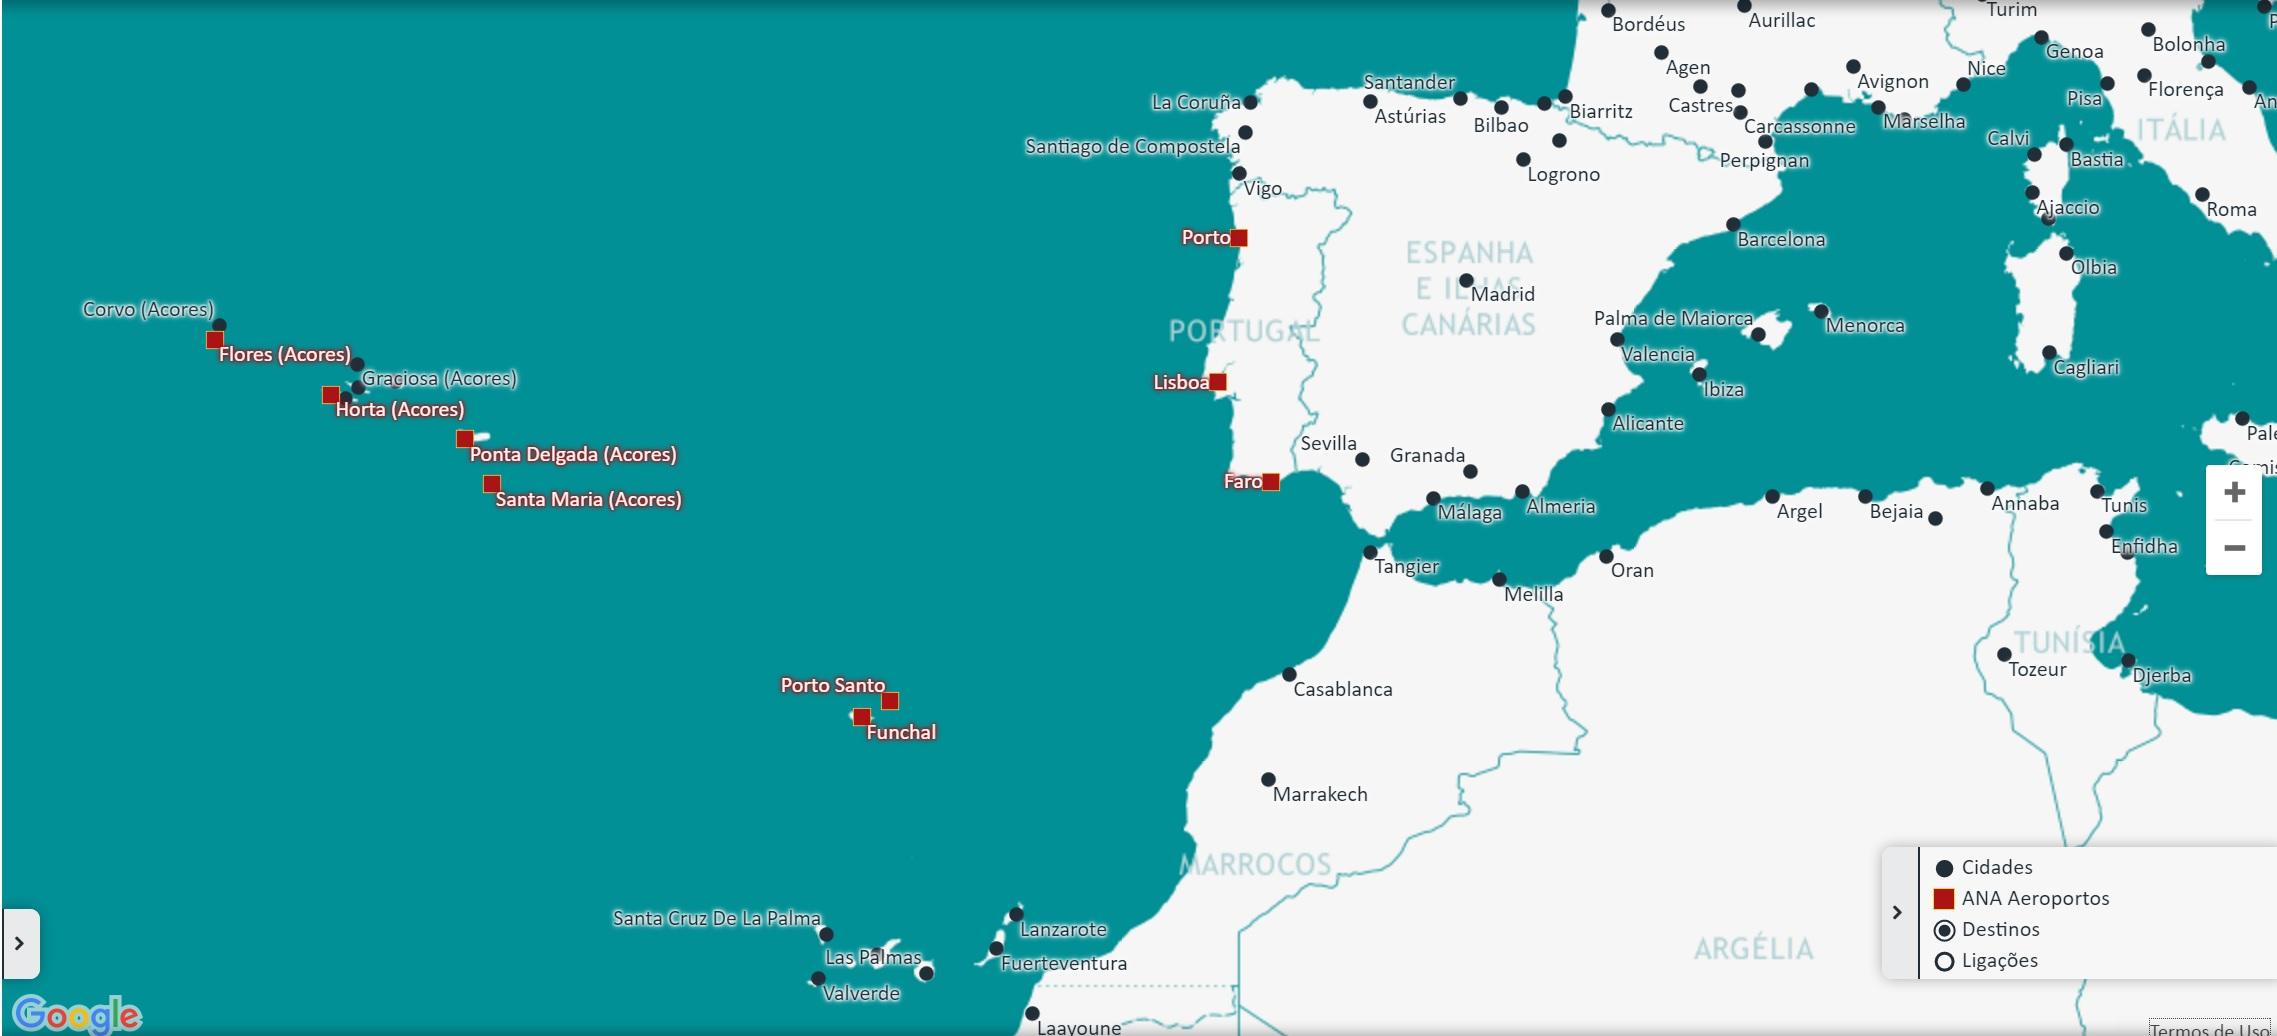 mapa aeroportos portugal Geografia 11.º Ano – Rede Nacional de Aeroportos – Apontamentos Na Net mapa aeroportos portugal